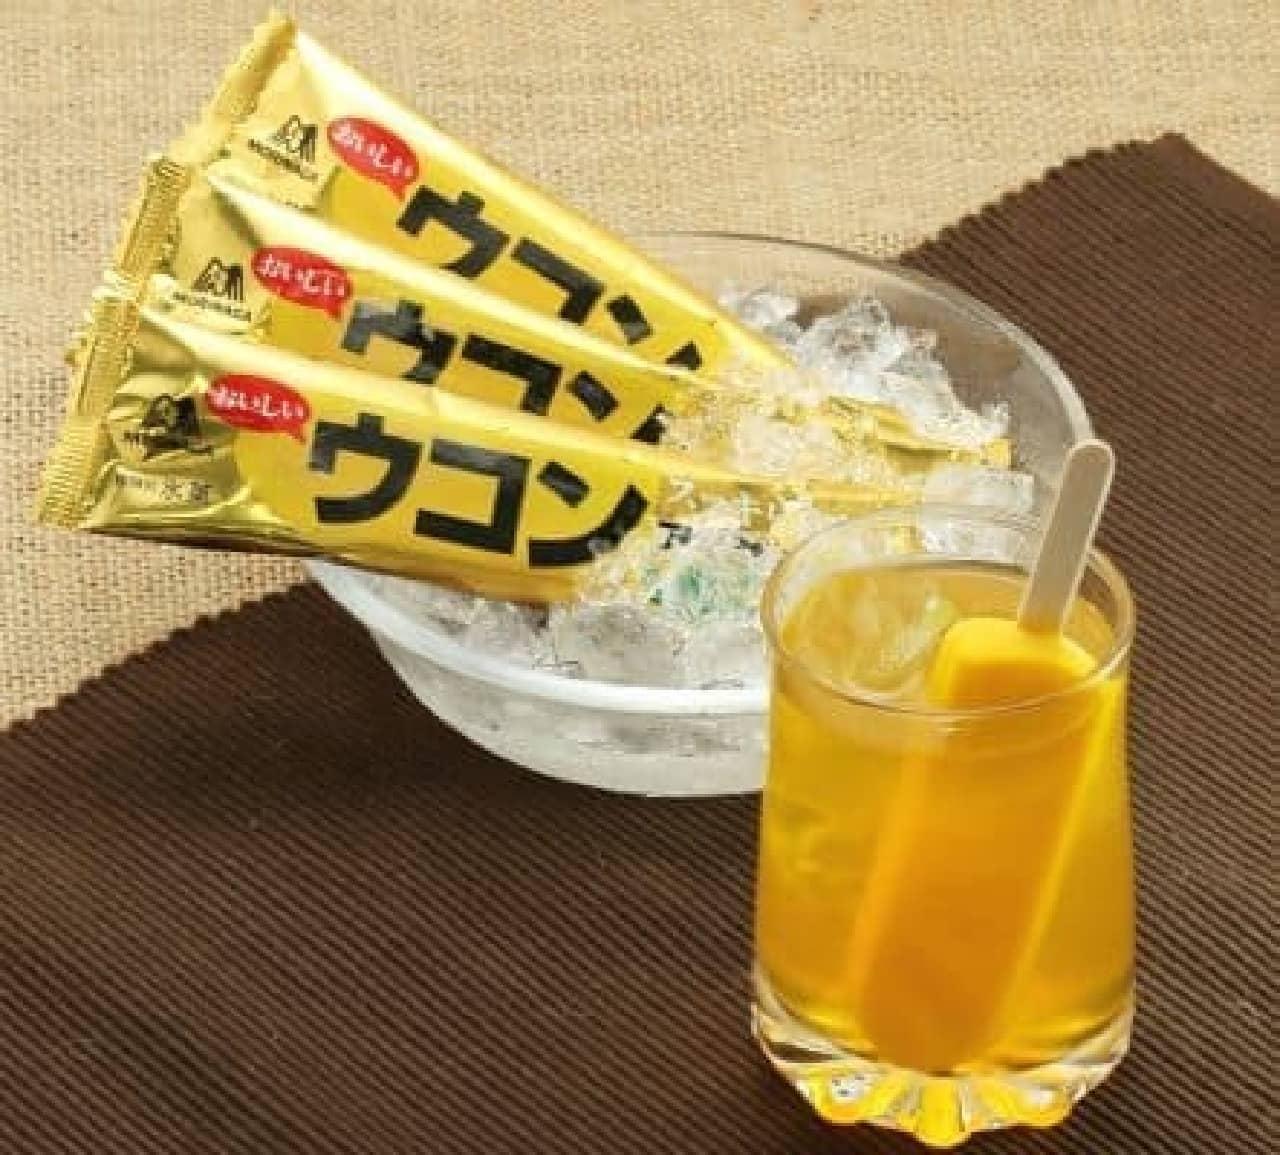 オレンジ&レモン風味でさっぱり…?